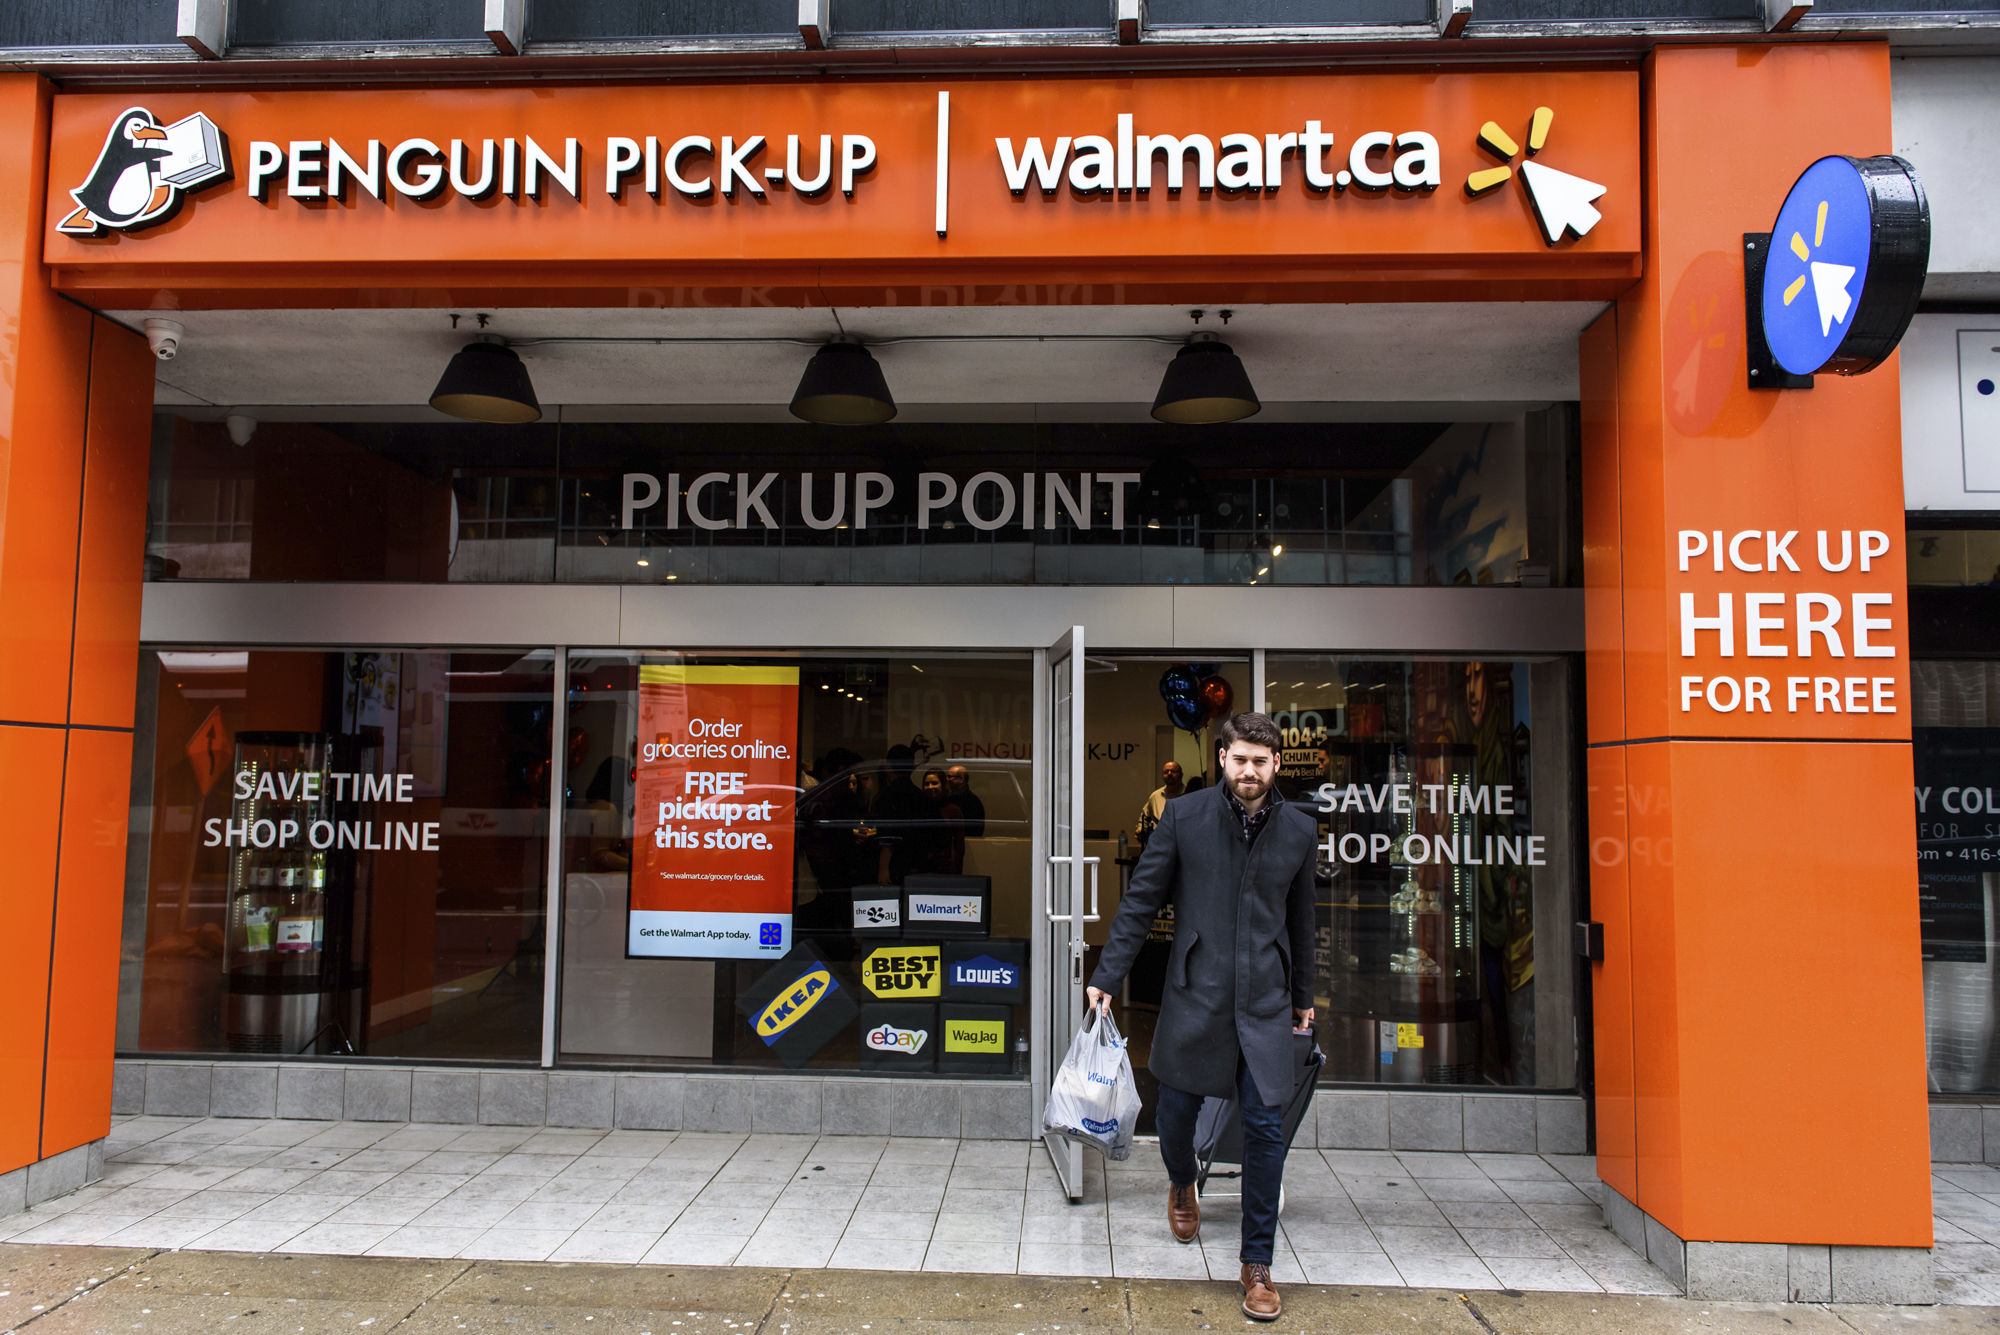 Walmart Canada - Walmart Penguin Pick-Up Zone in Toronto